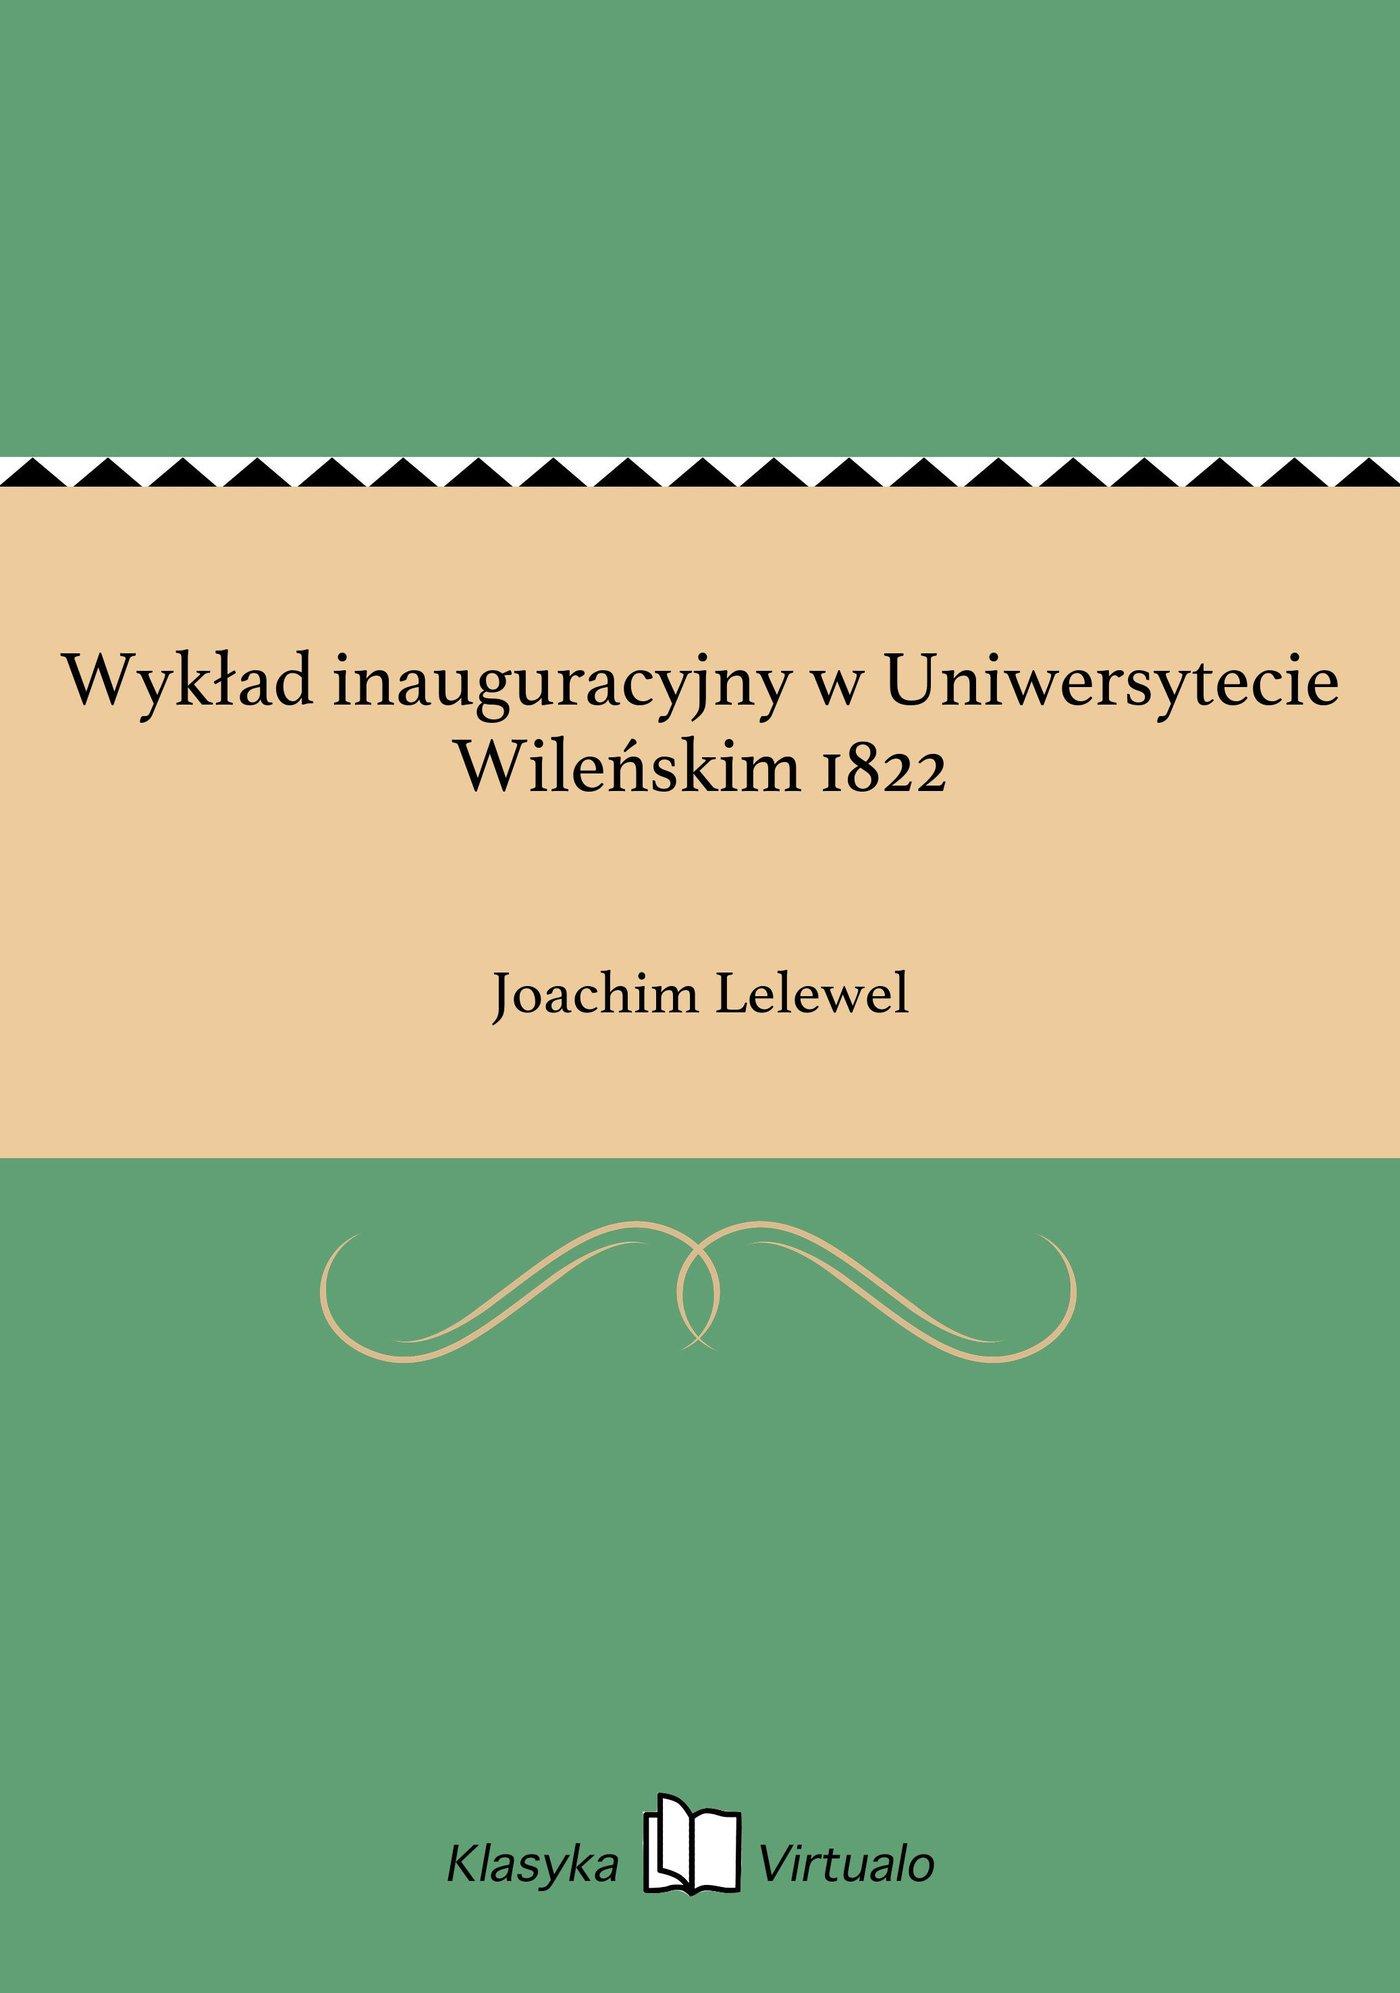 Wykład inauguracyjny w Uniwersytecie Wileńskim 1822 - Ebook (Książka EPUB) do pobrania w formacie EPUB